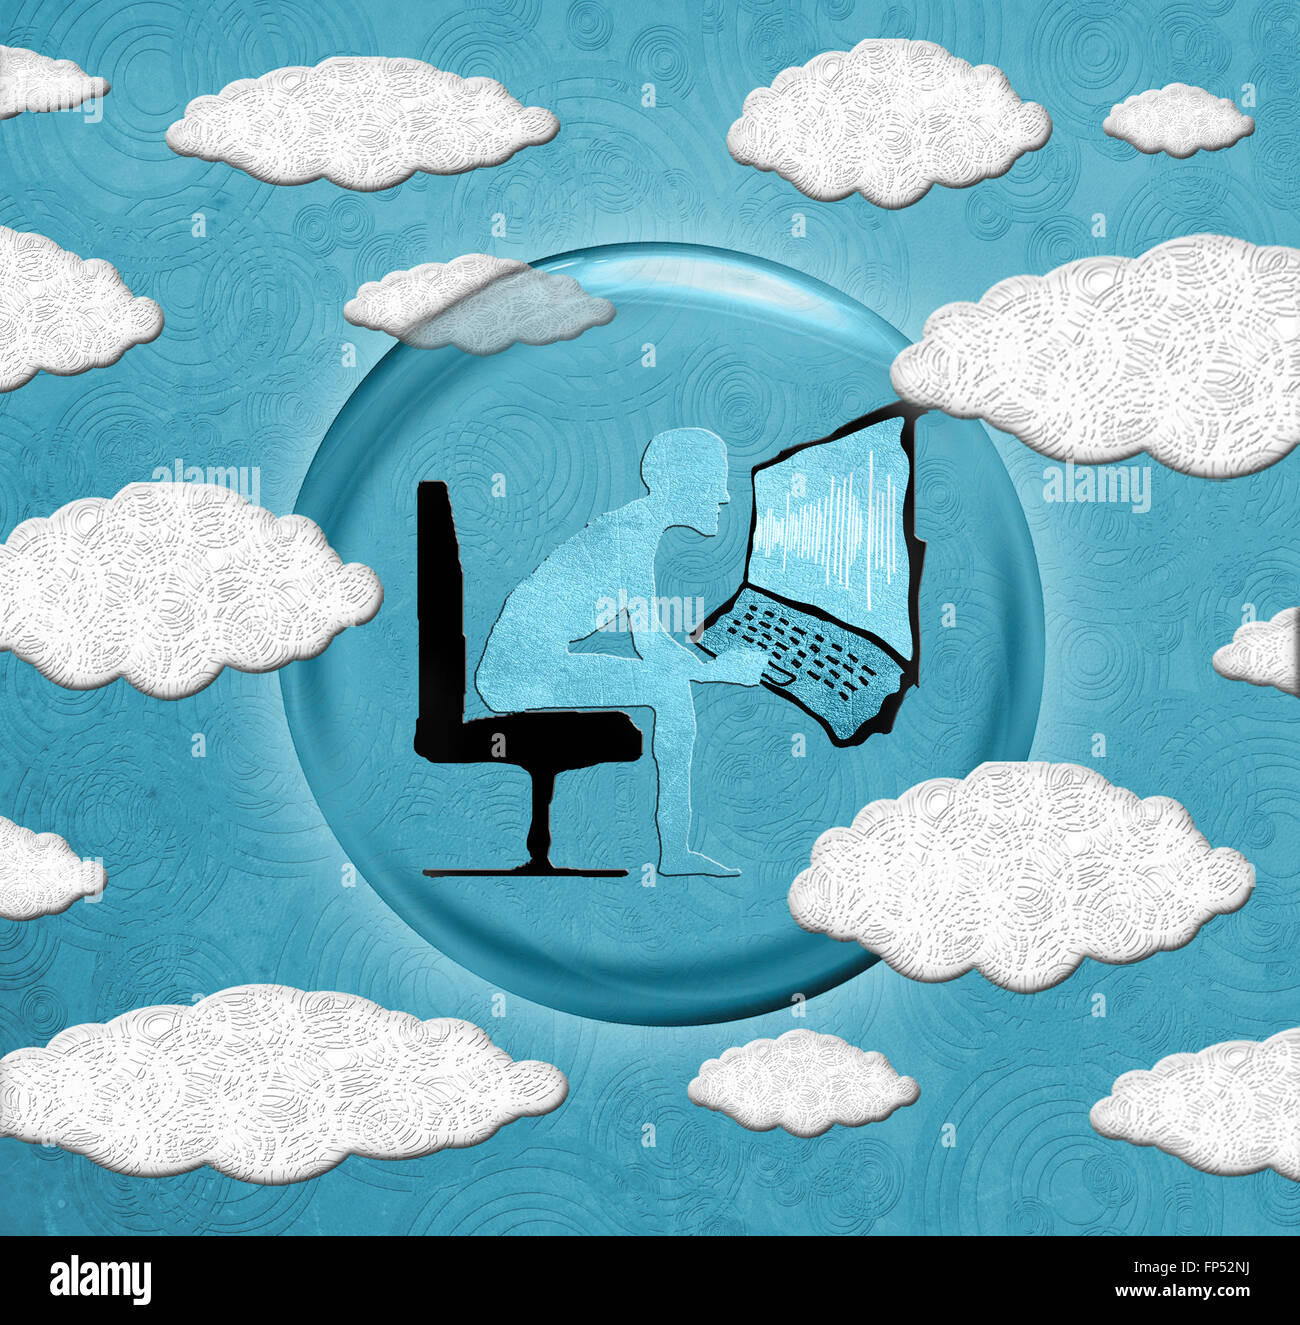 Il cloud computing concetto illustrazione digitale Immagini Stock